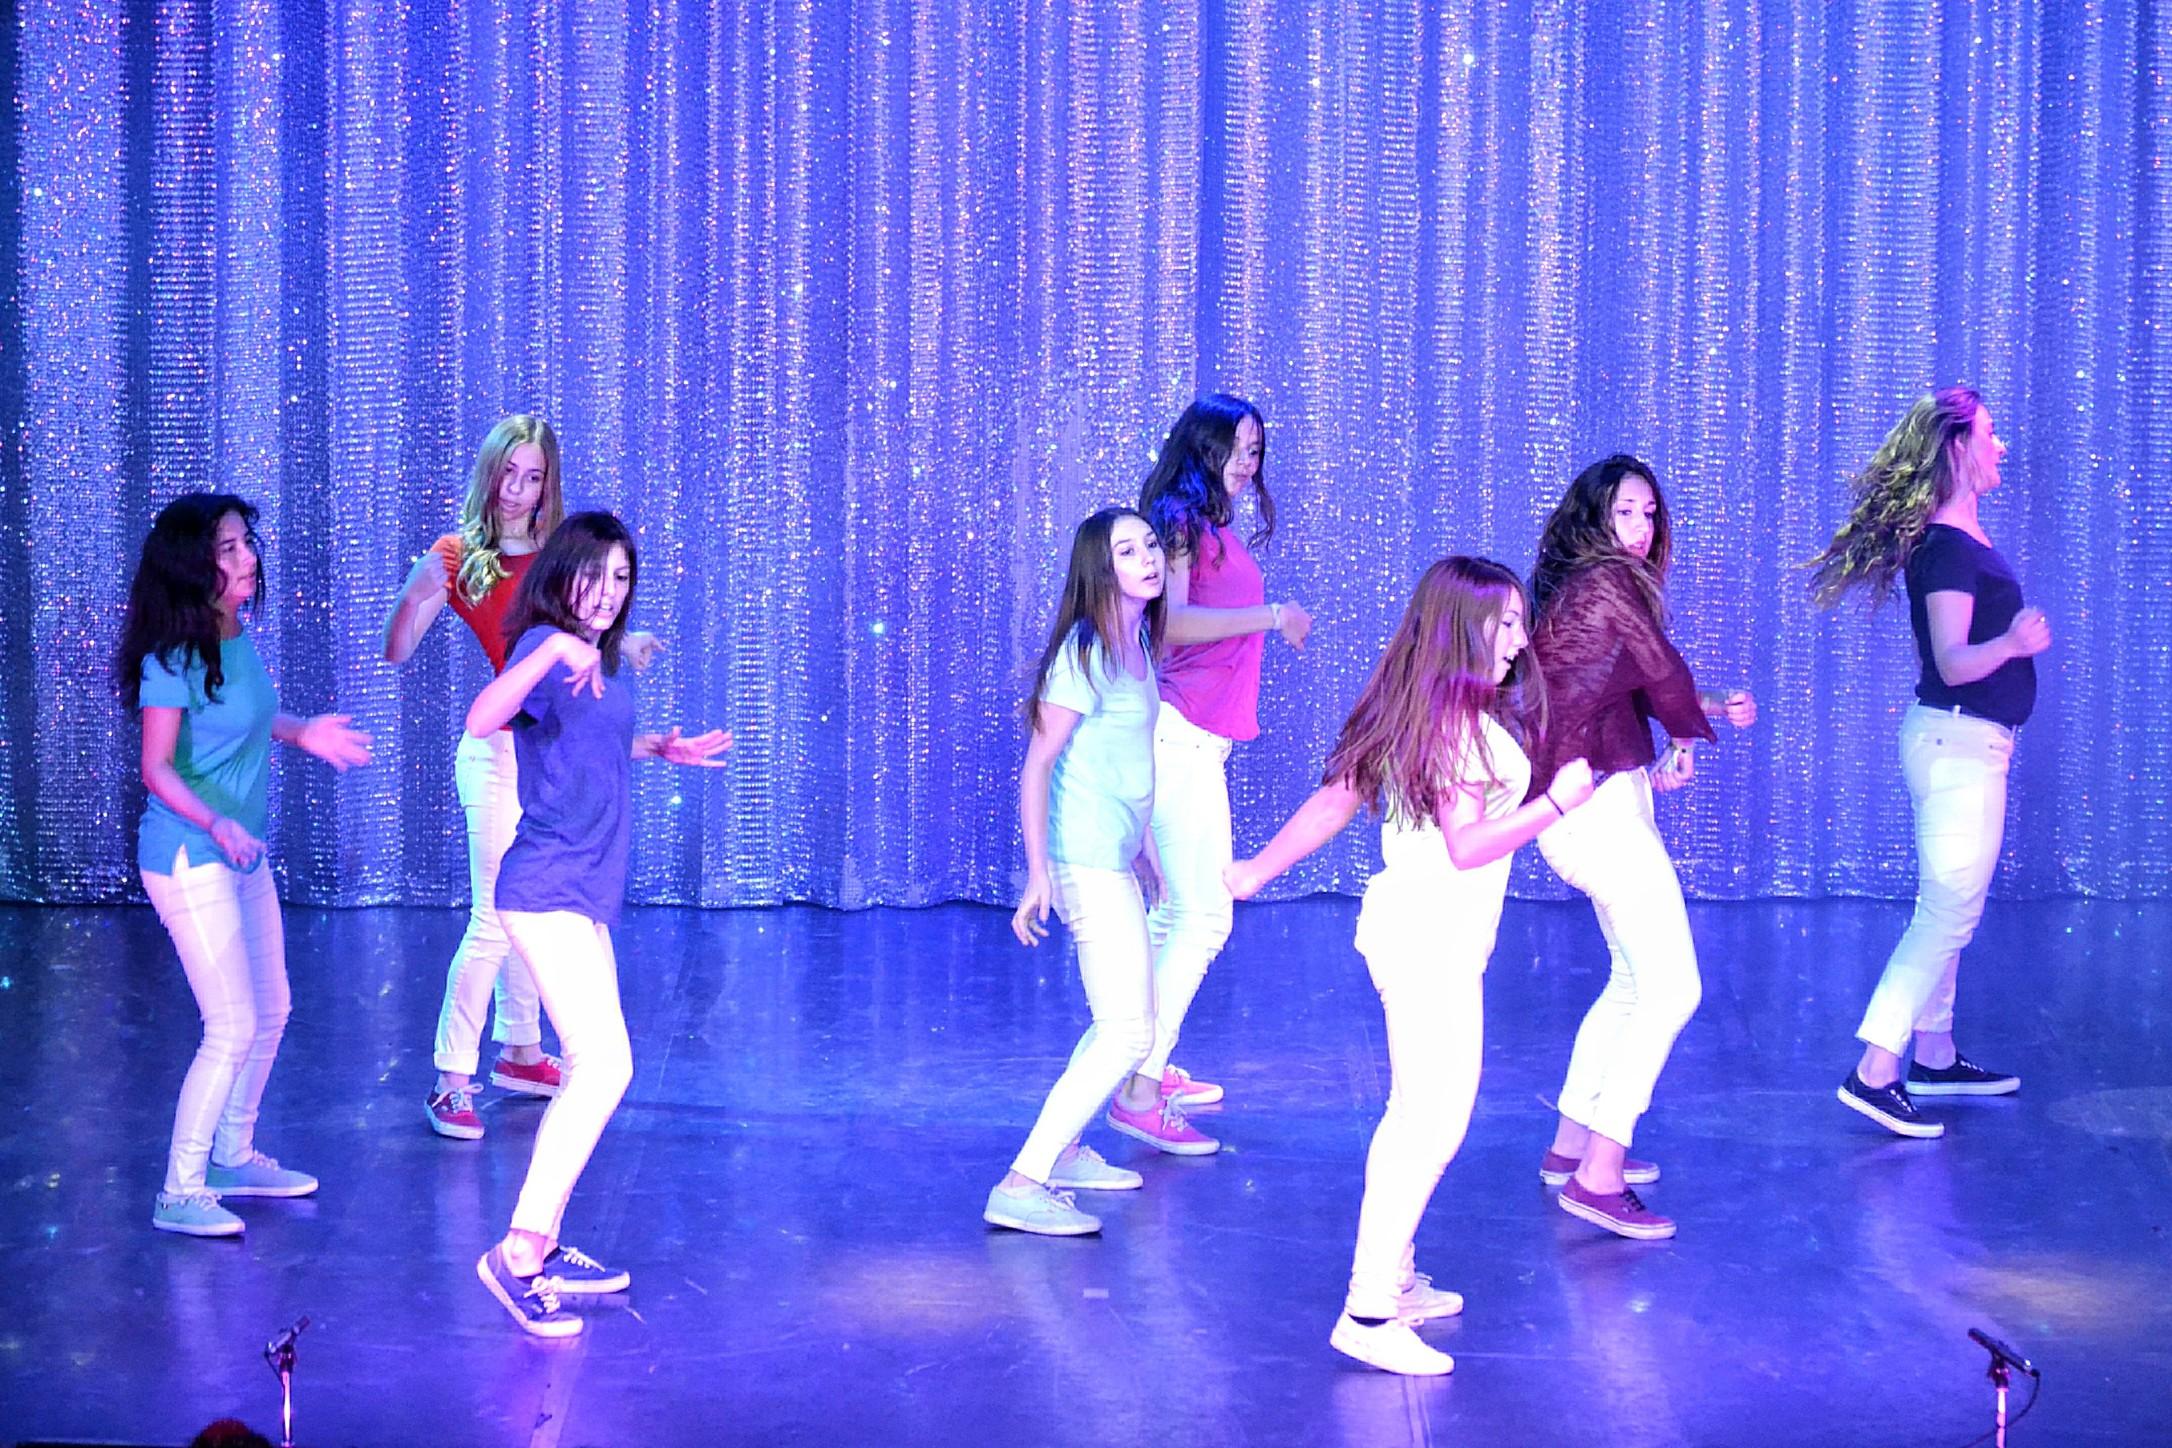 Linea-de-Baile-festival-verano-2015-clases-de-baile-valencia-73